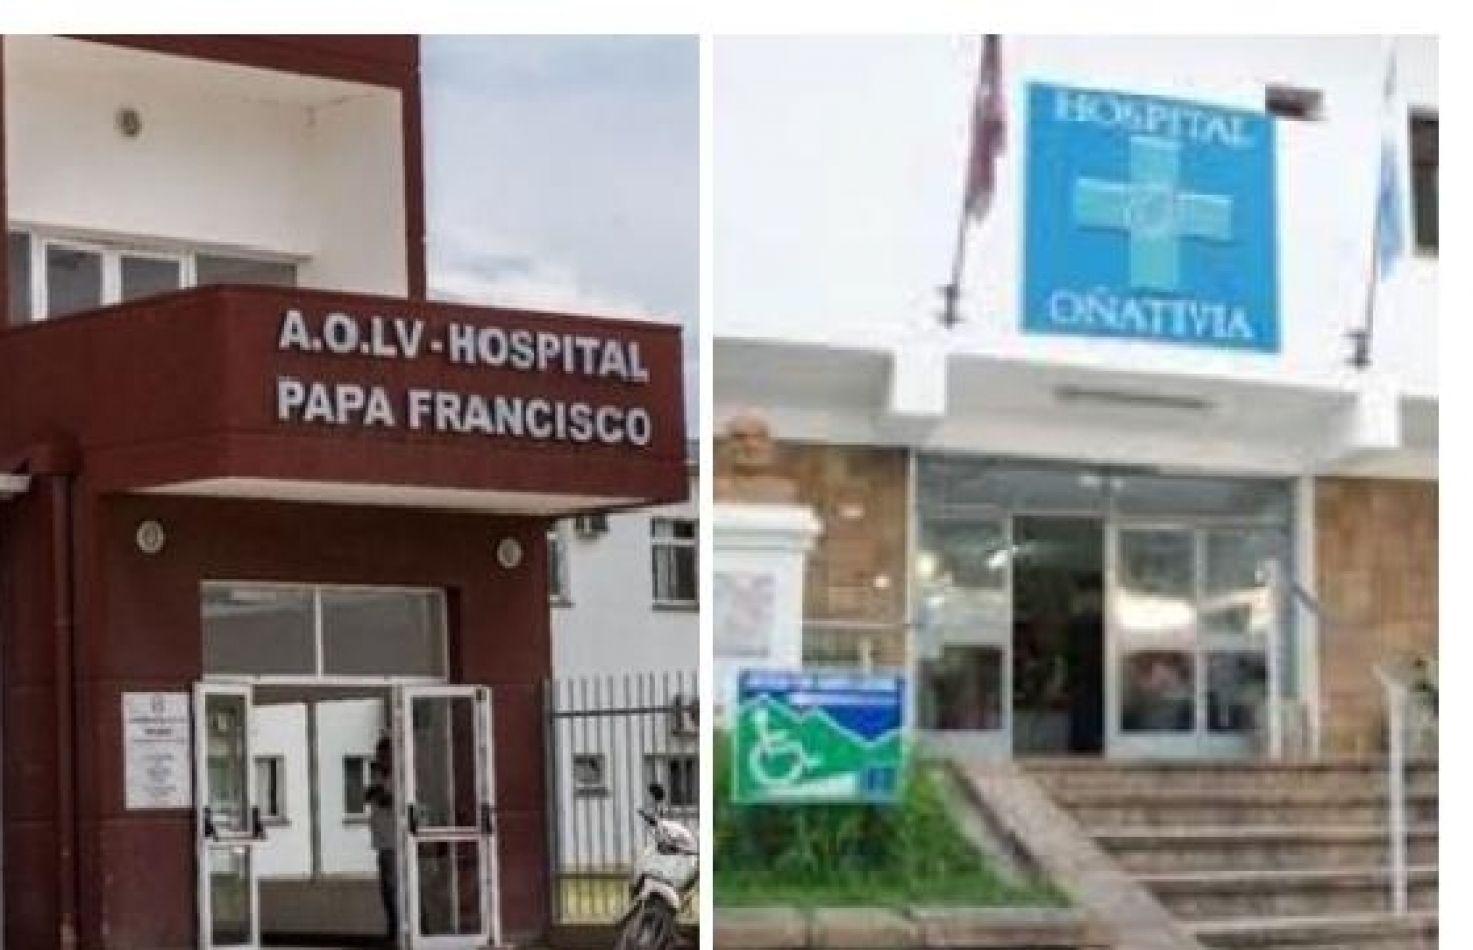 Los hospitales Papa Francisco y Oñativia amplían las unidades de terapia intensiva